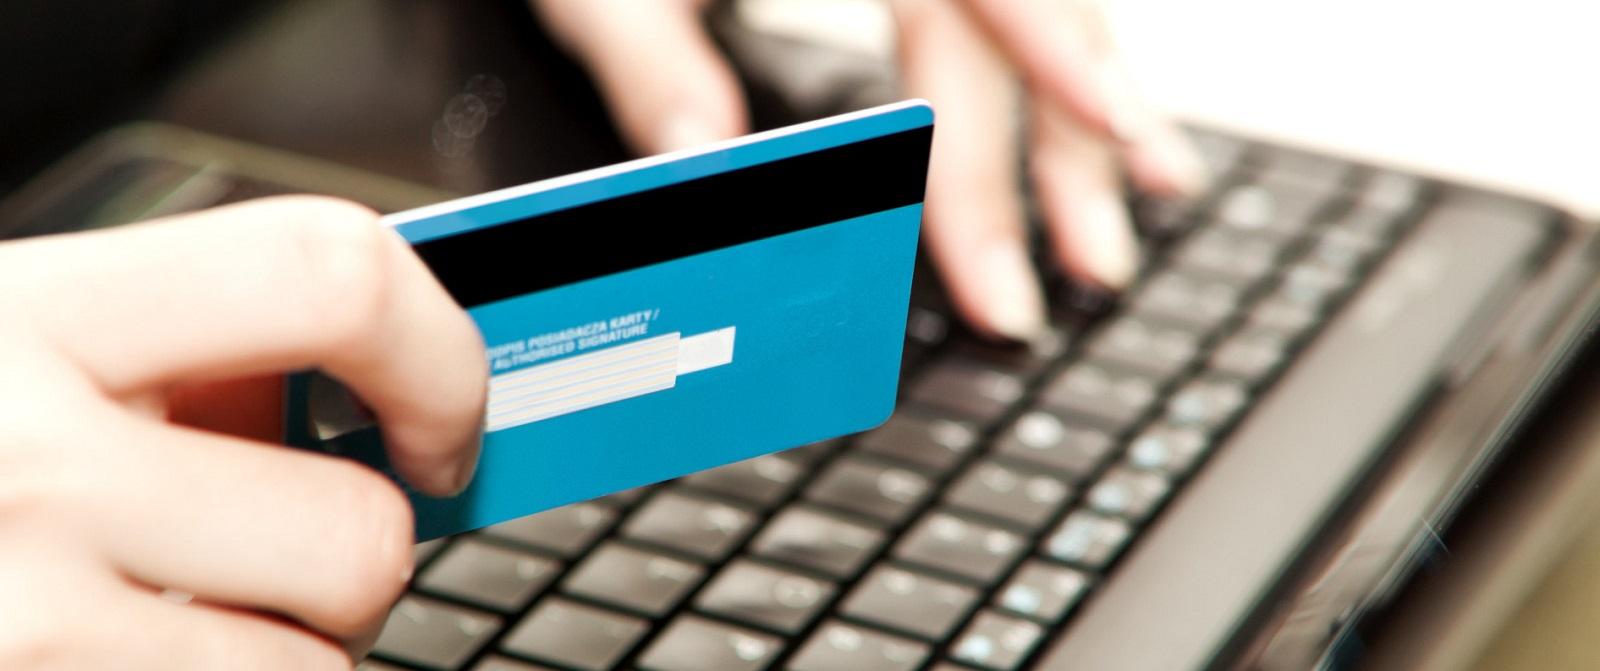 Fraudes contra a Previdência Social